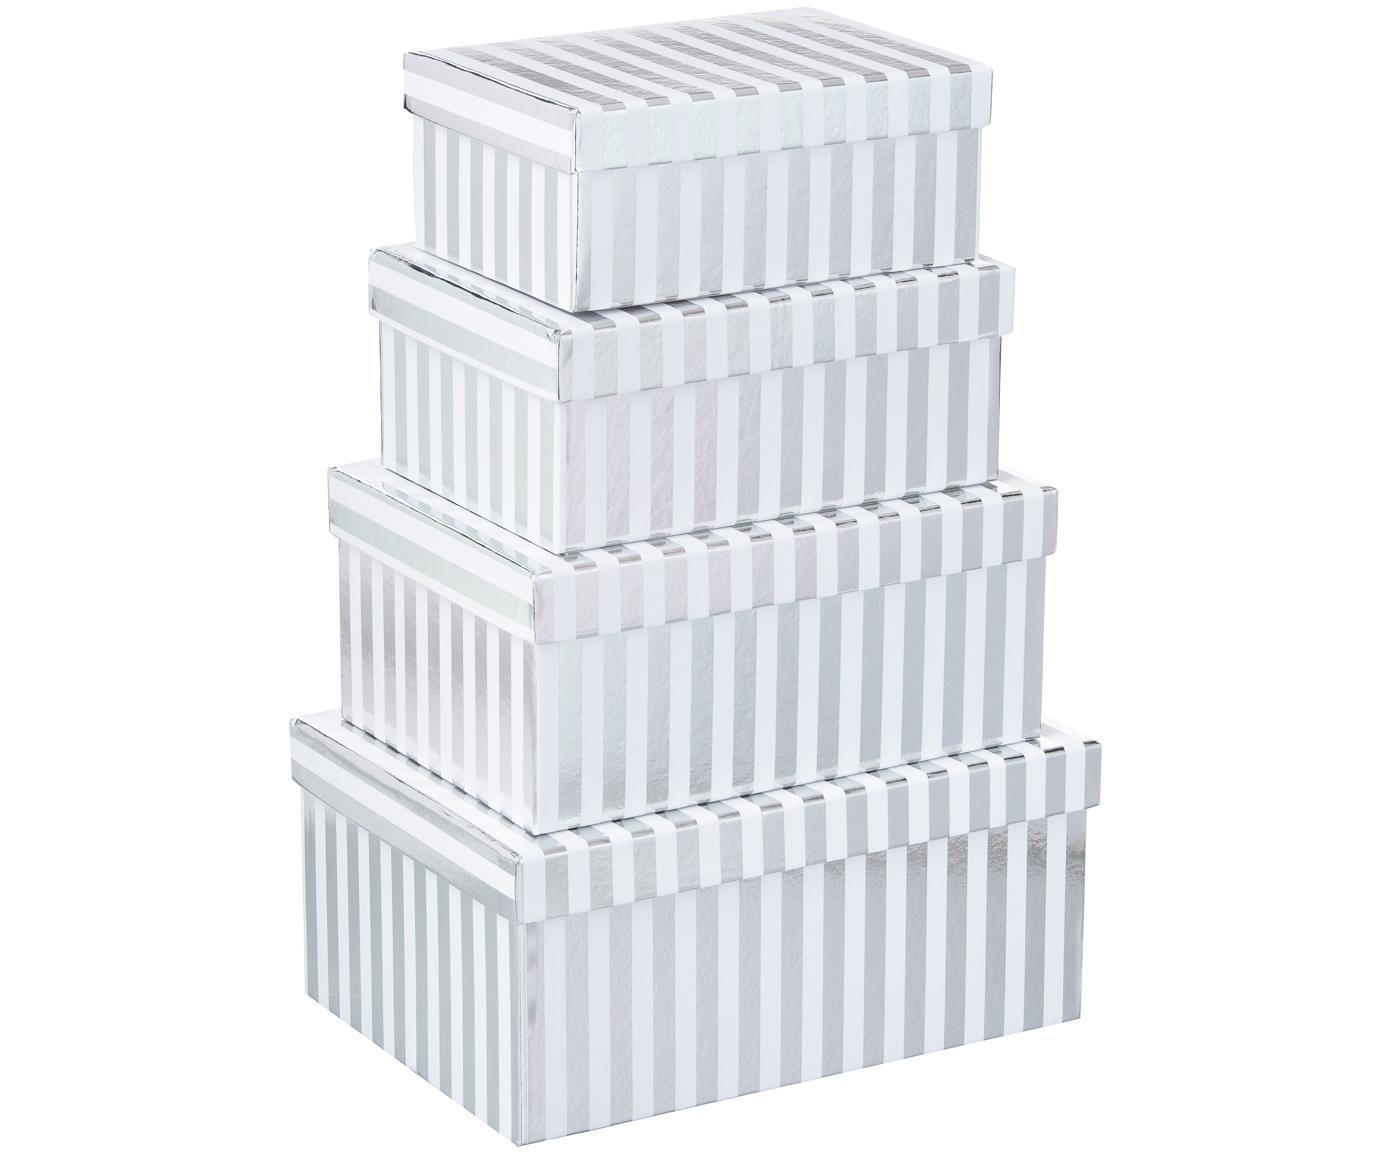 Geschenkboxen-Set Stripes, 4-tlg., Karton, Weiss, Silberfarben, Verschiedene Grössen